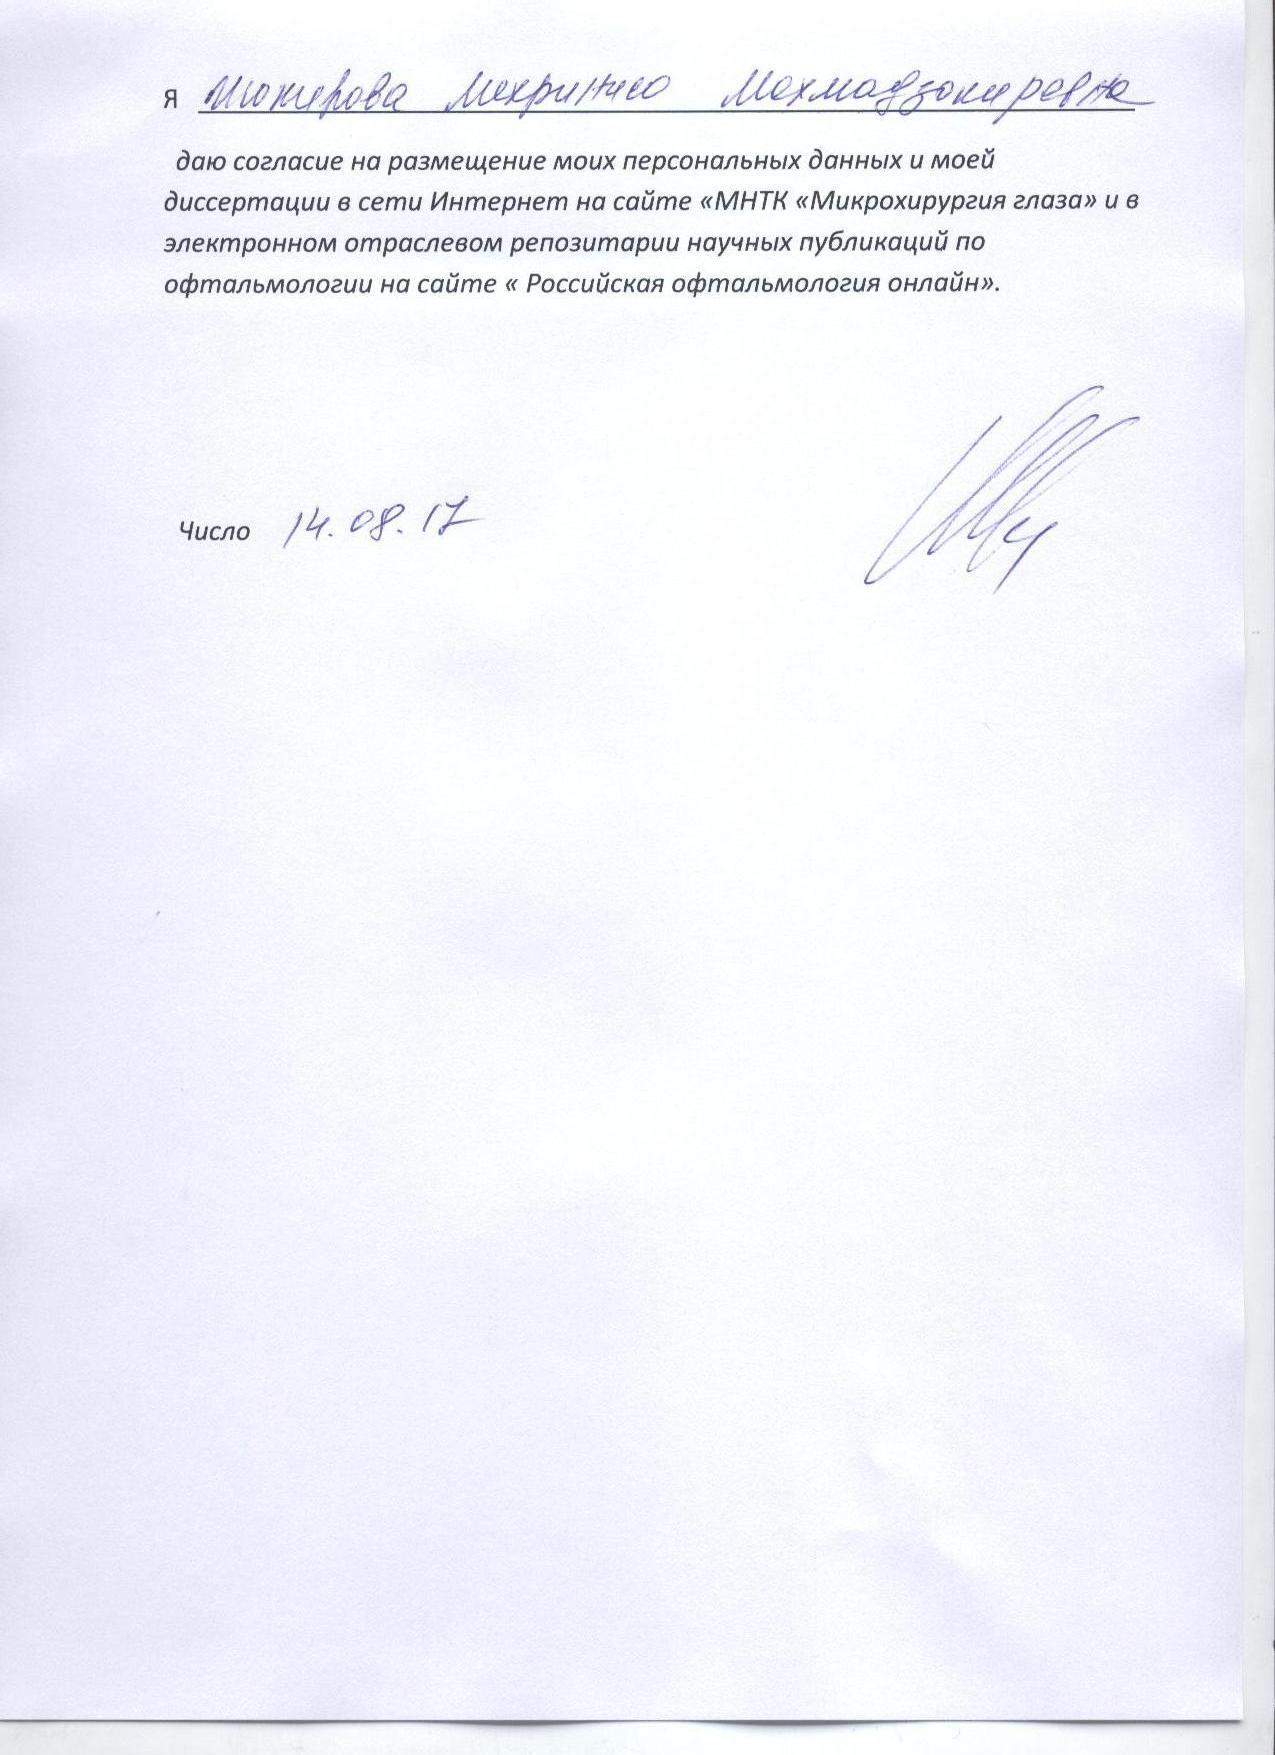 Шокирова Мехринисо Махмадзокировна Согласие на размещение персональных данных и диссертации в сети интернет